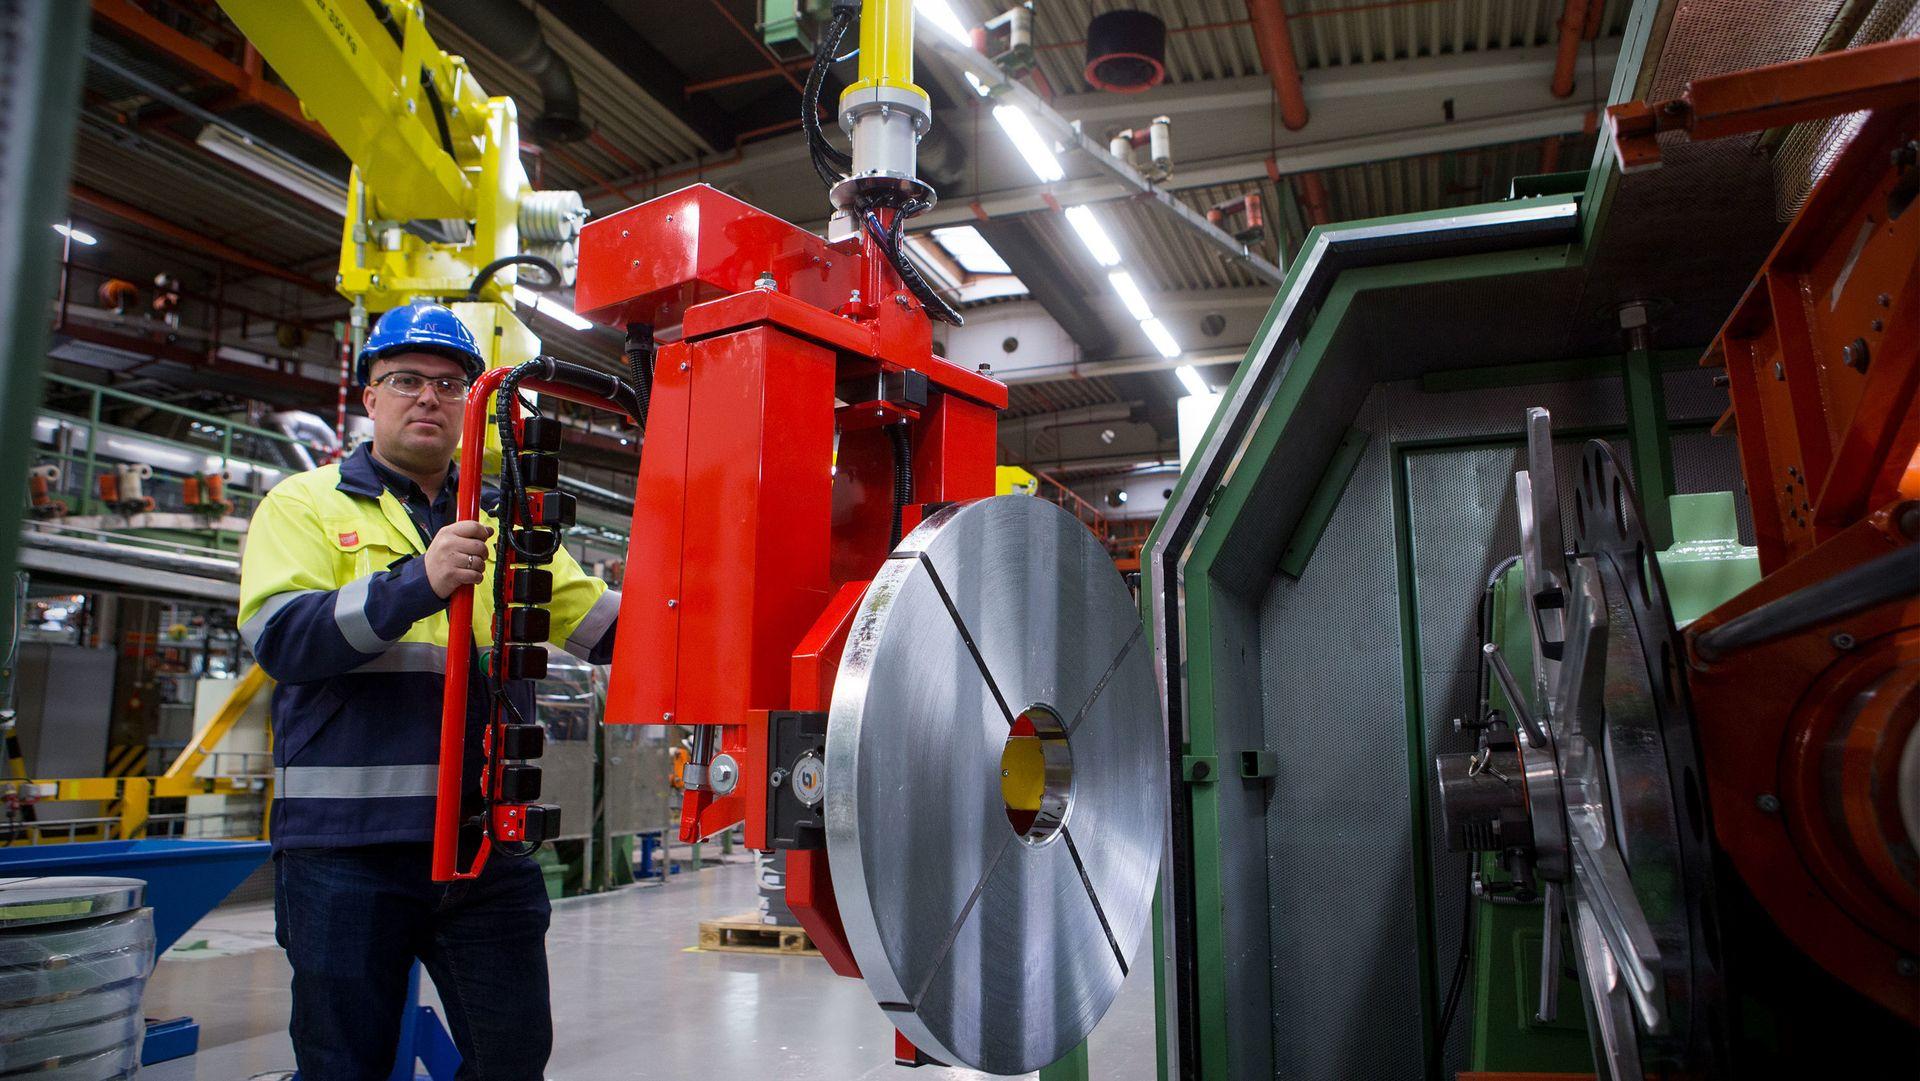 Manipulatorene fra Dalmec lar Nexans håndtere 290 kilo tunge stålruller lekende lett. – Manipulatorene er en teknologi som virker, og det tror jeg det er mange i Norge som ikke har sett enda, sier Harald Hjørnegård, prosessansvarlig for armeringen av alle Nexans sjøkabler.